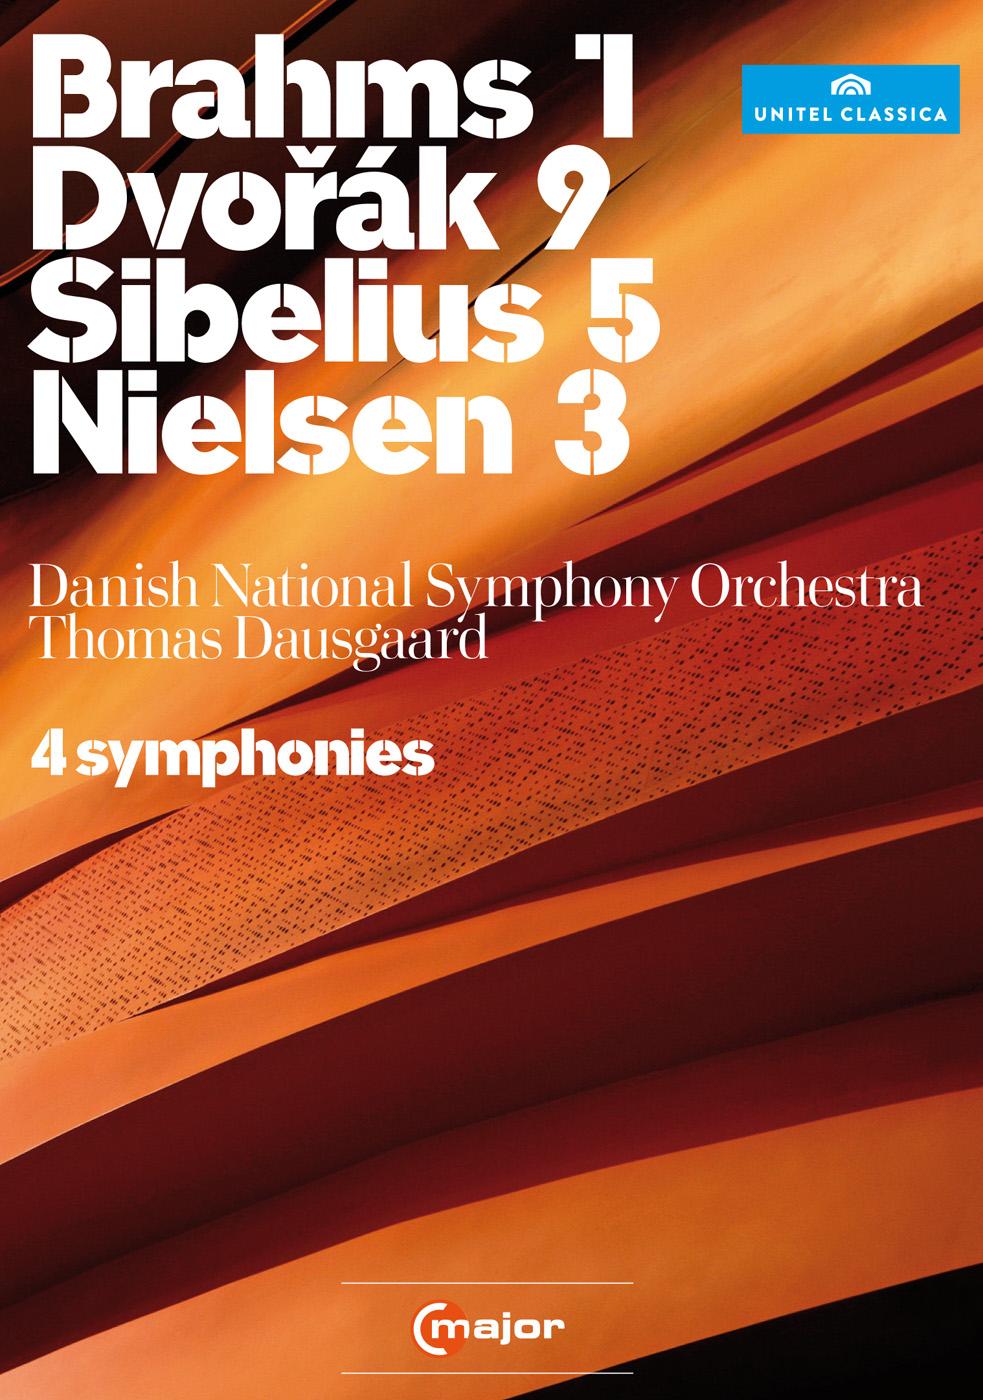 Thomas Dausgaard: Brahms, Dvorak, Sibelius, Nielsen - 4 Symphonies